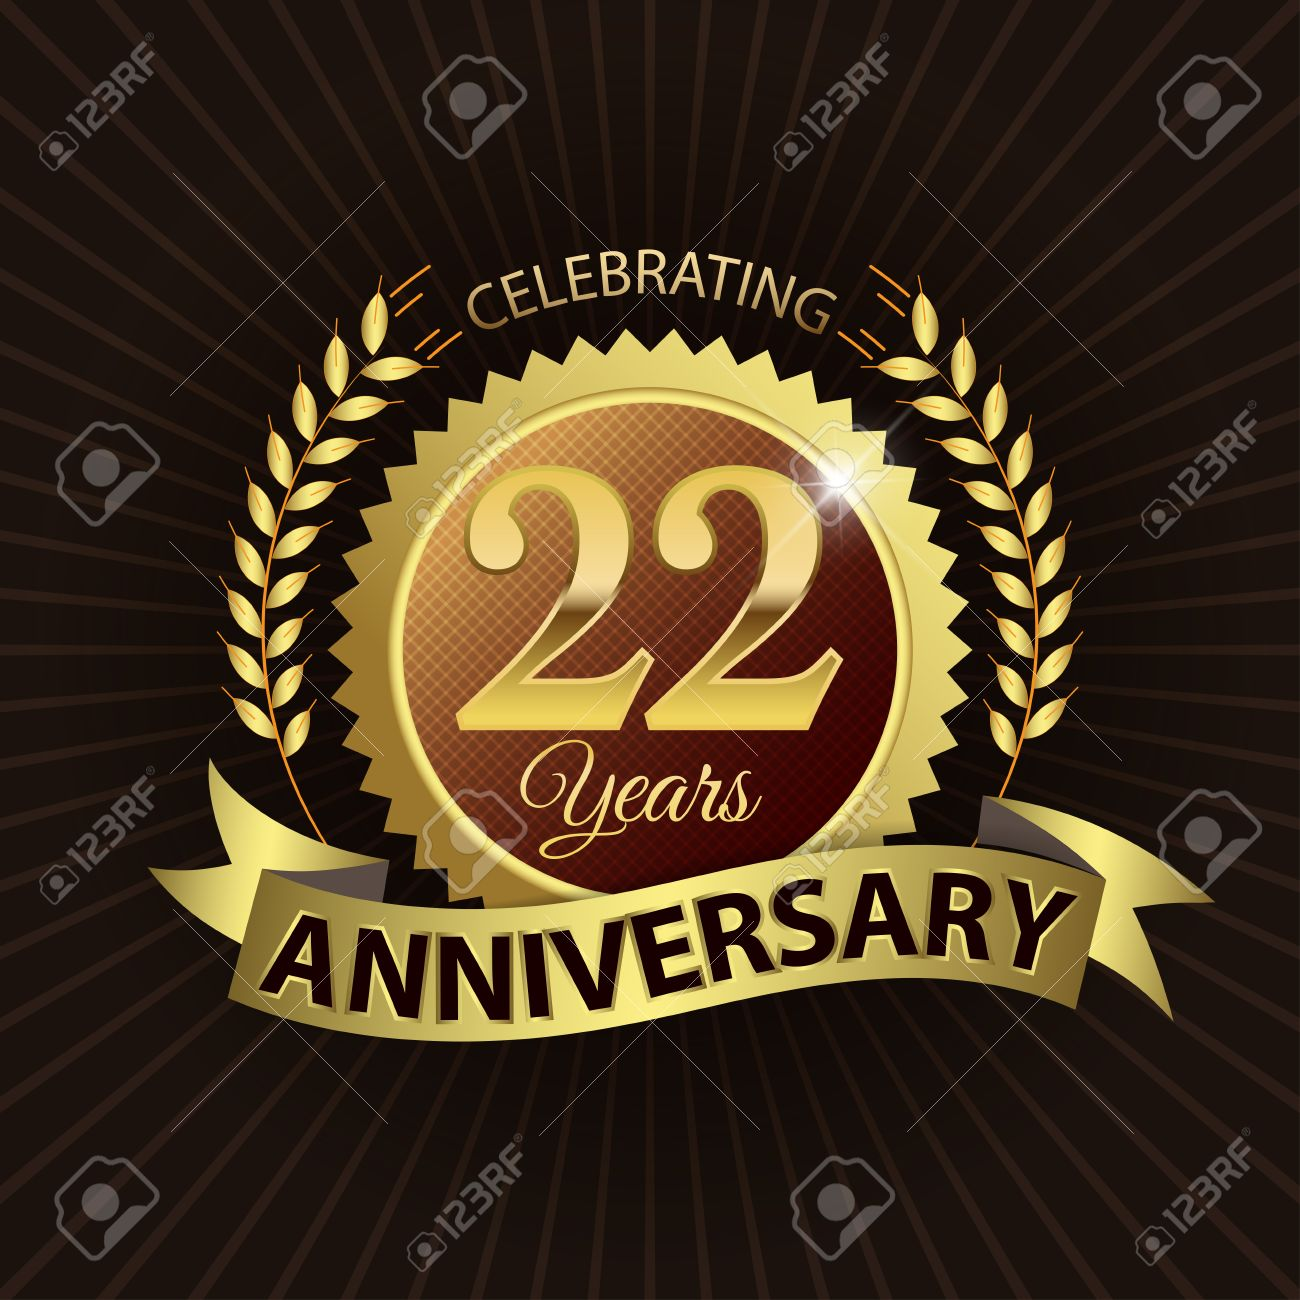 Amato Anniversario Matrimonio 22 Anni | Amazoniaflowers CU02